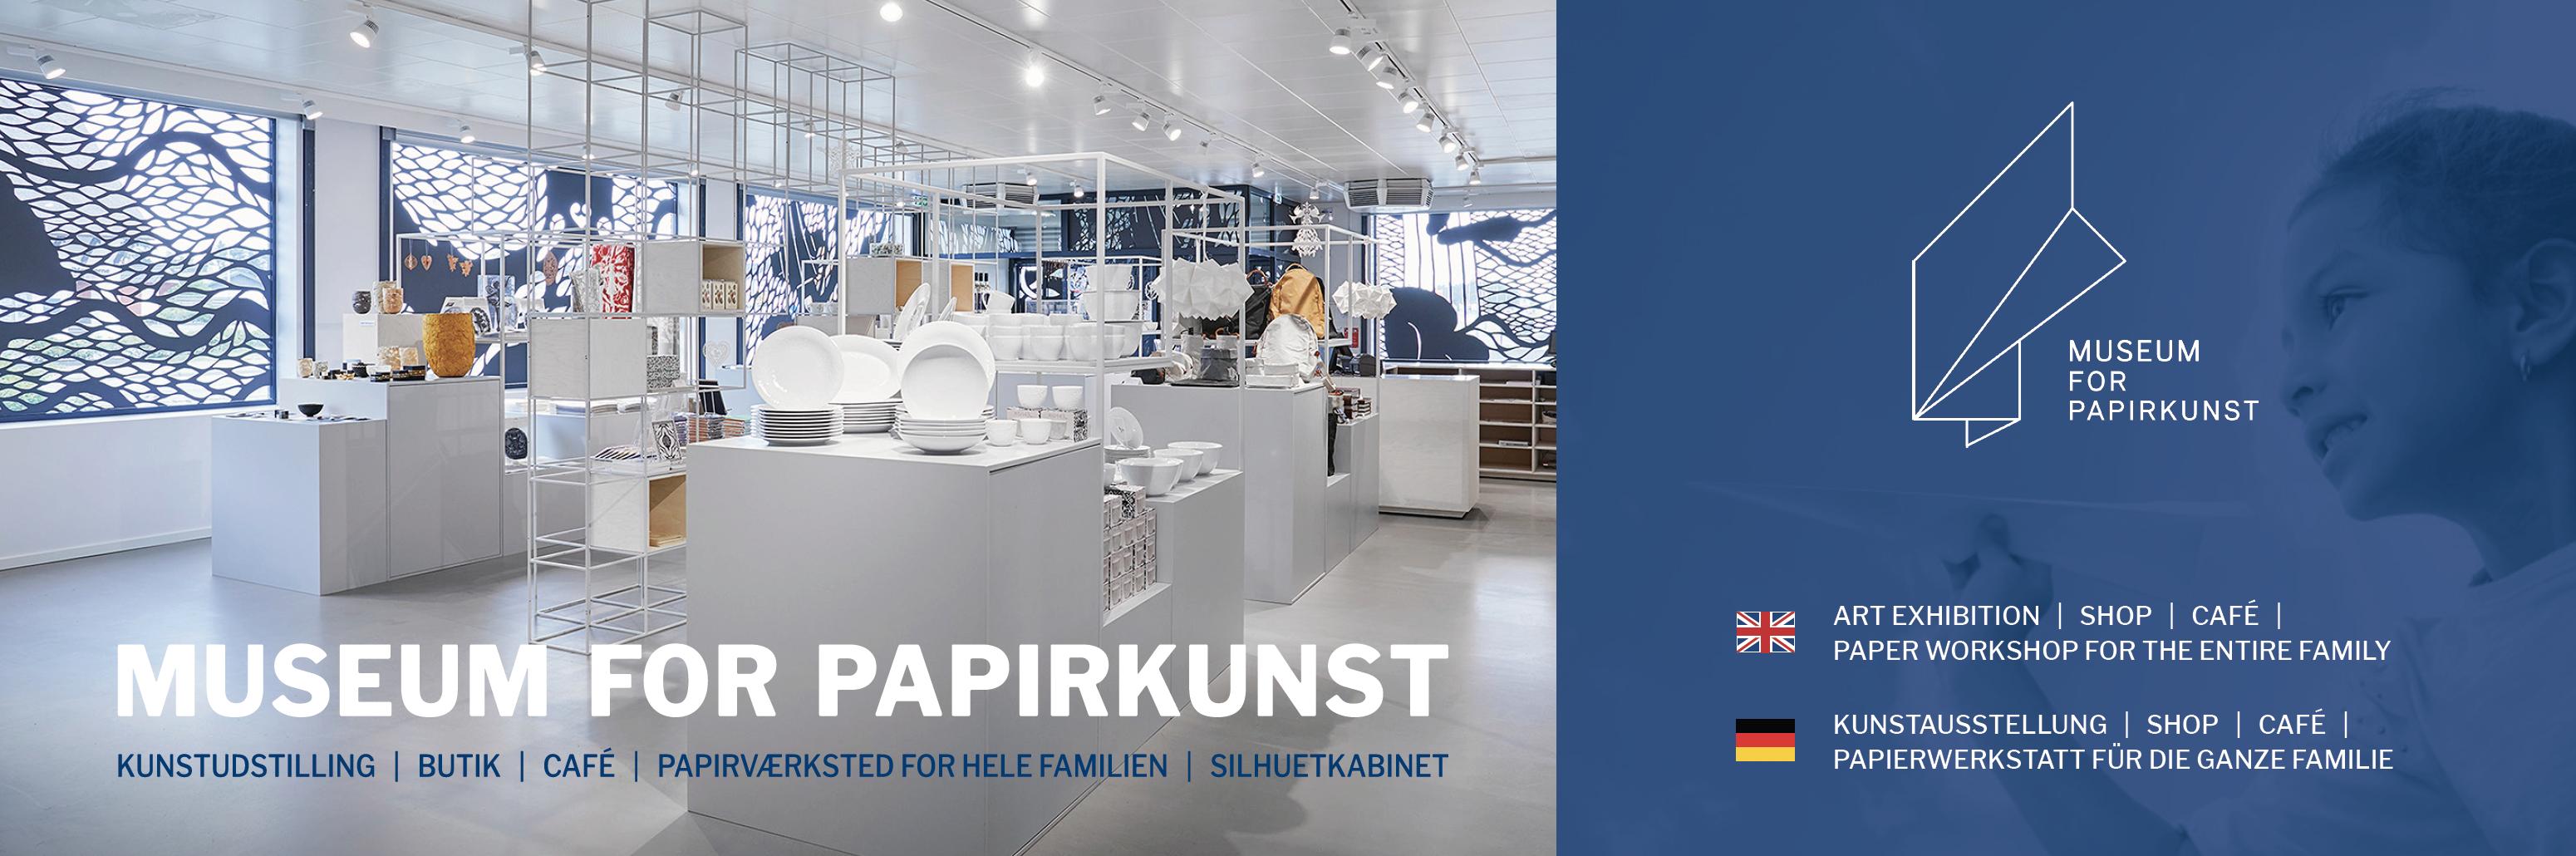 Banner - Museum For Papirkunst